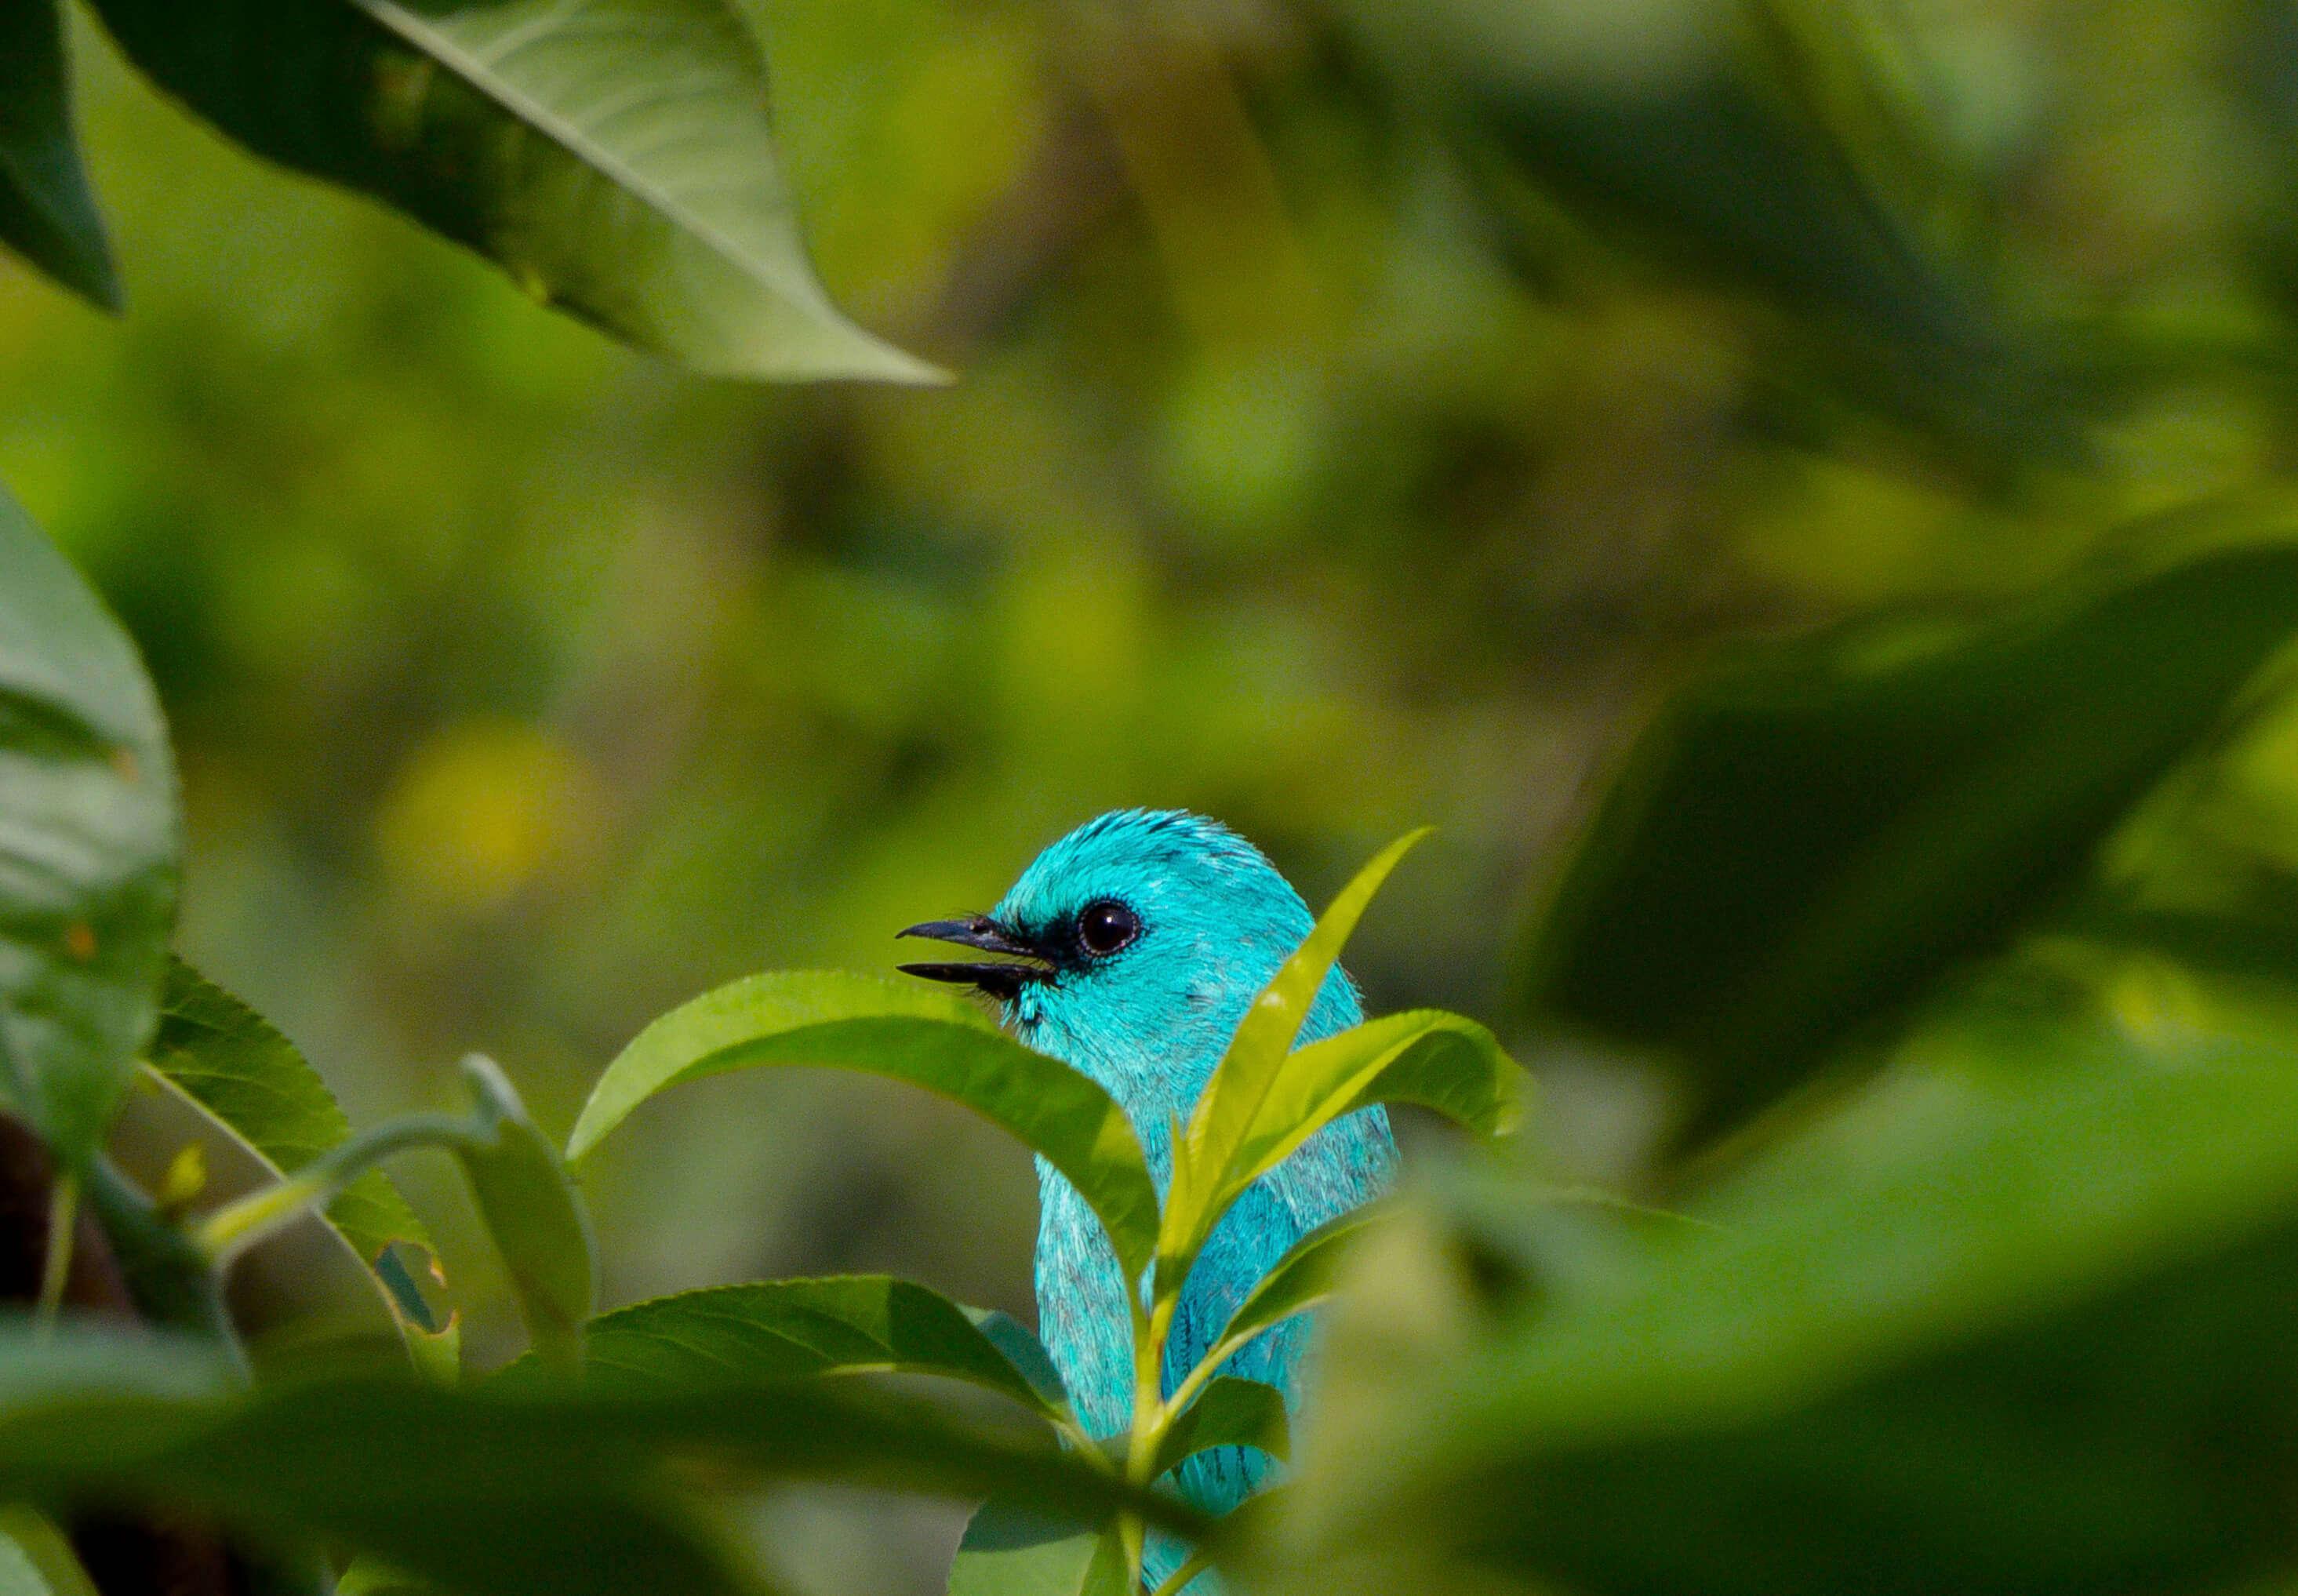 a blue bird in a jungle